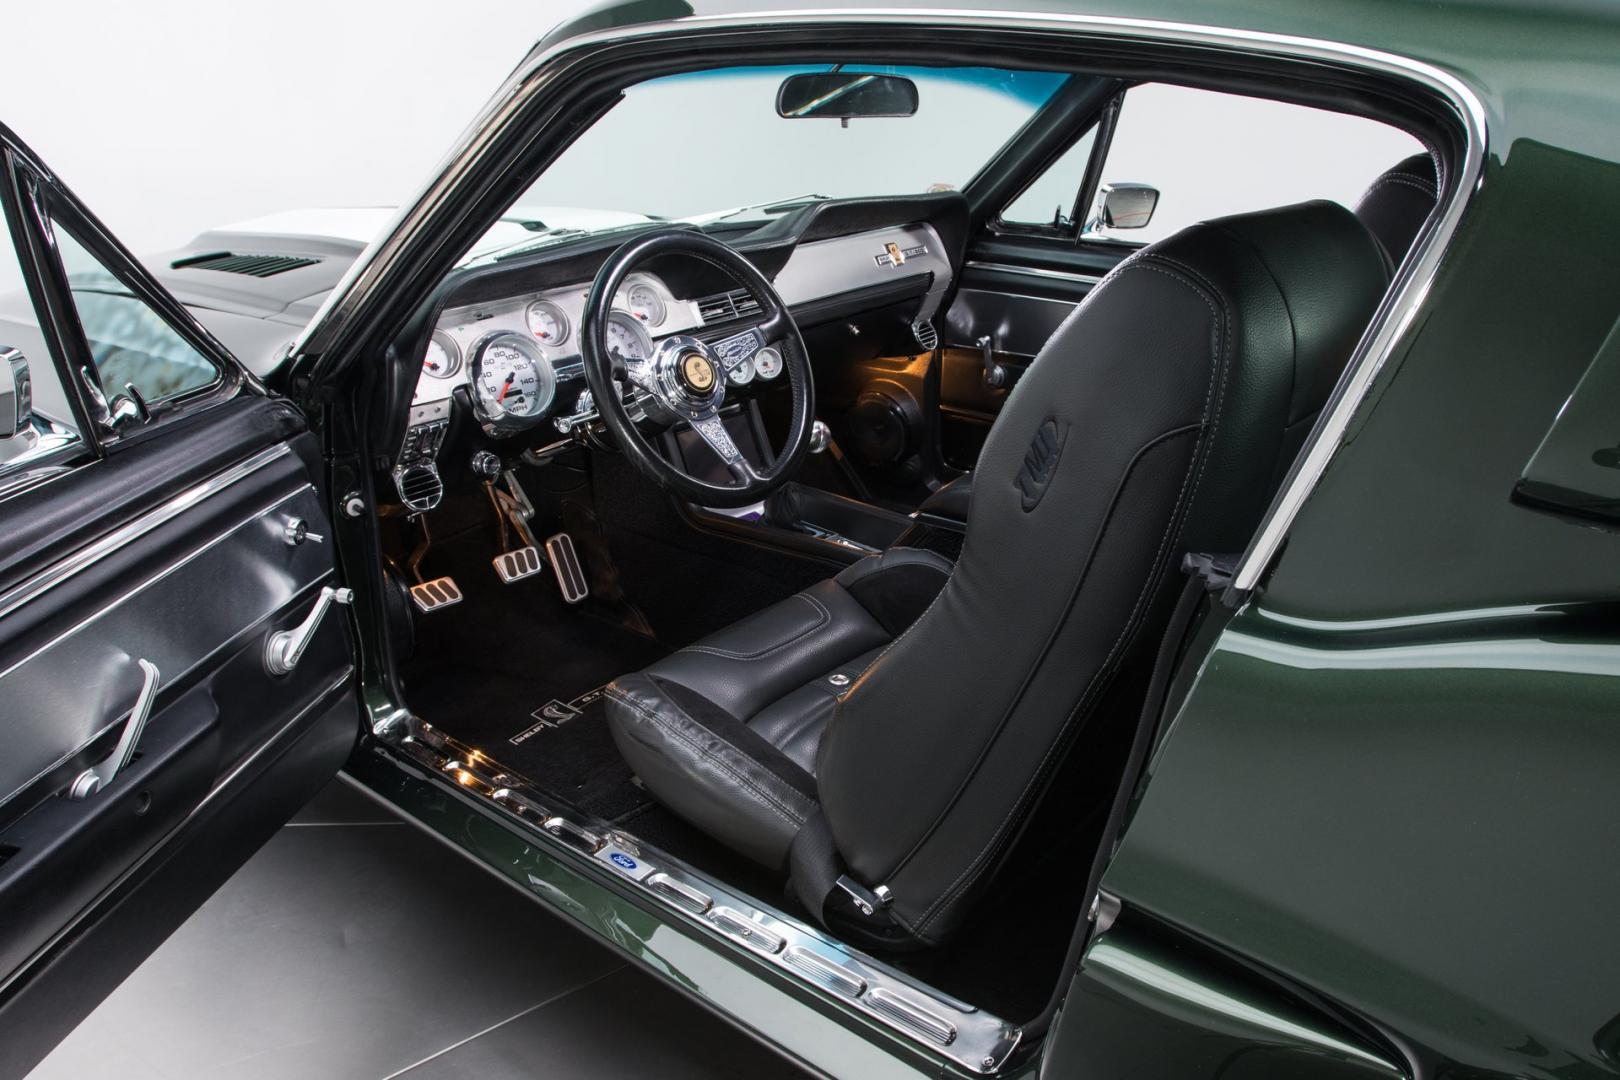 Ford Mustang Tokyo Drift interieur